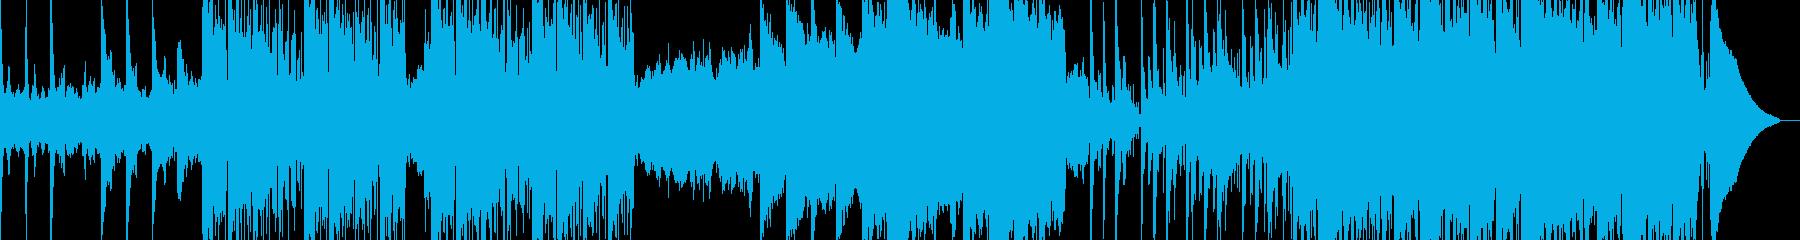 技術のある未来的な曲の再生済みの波形